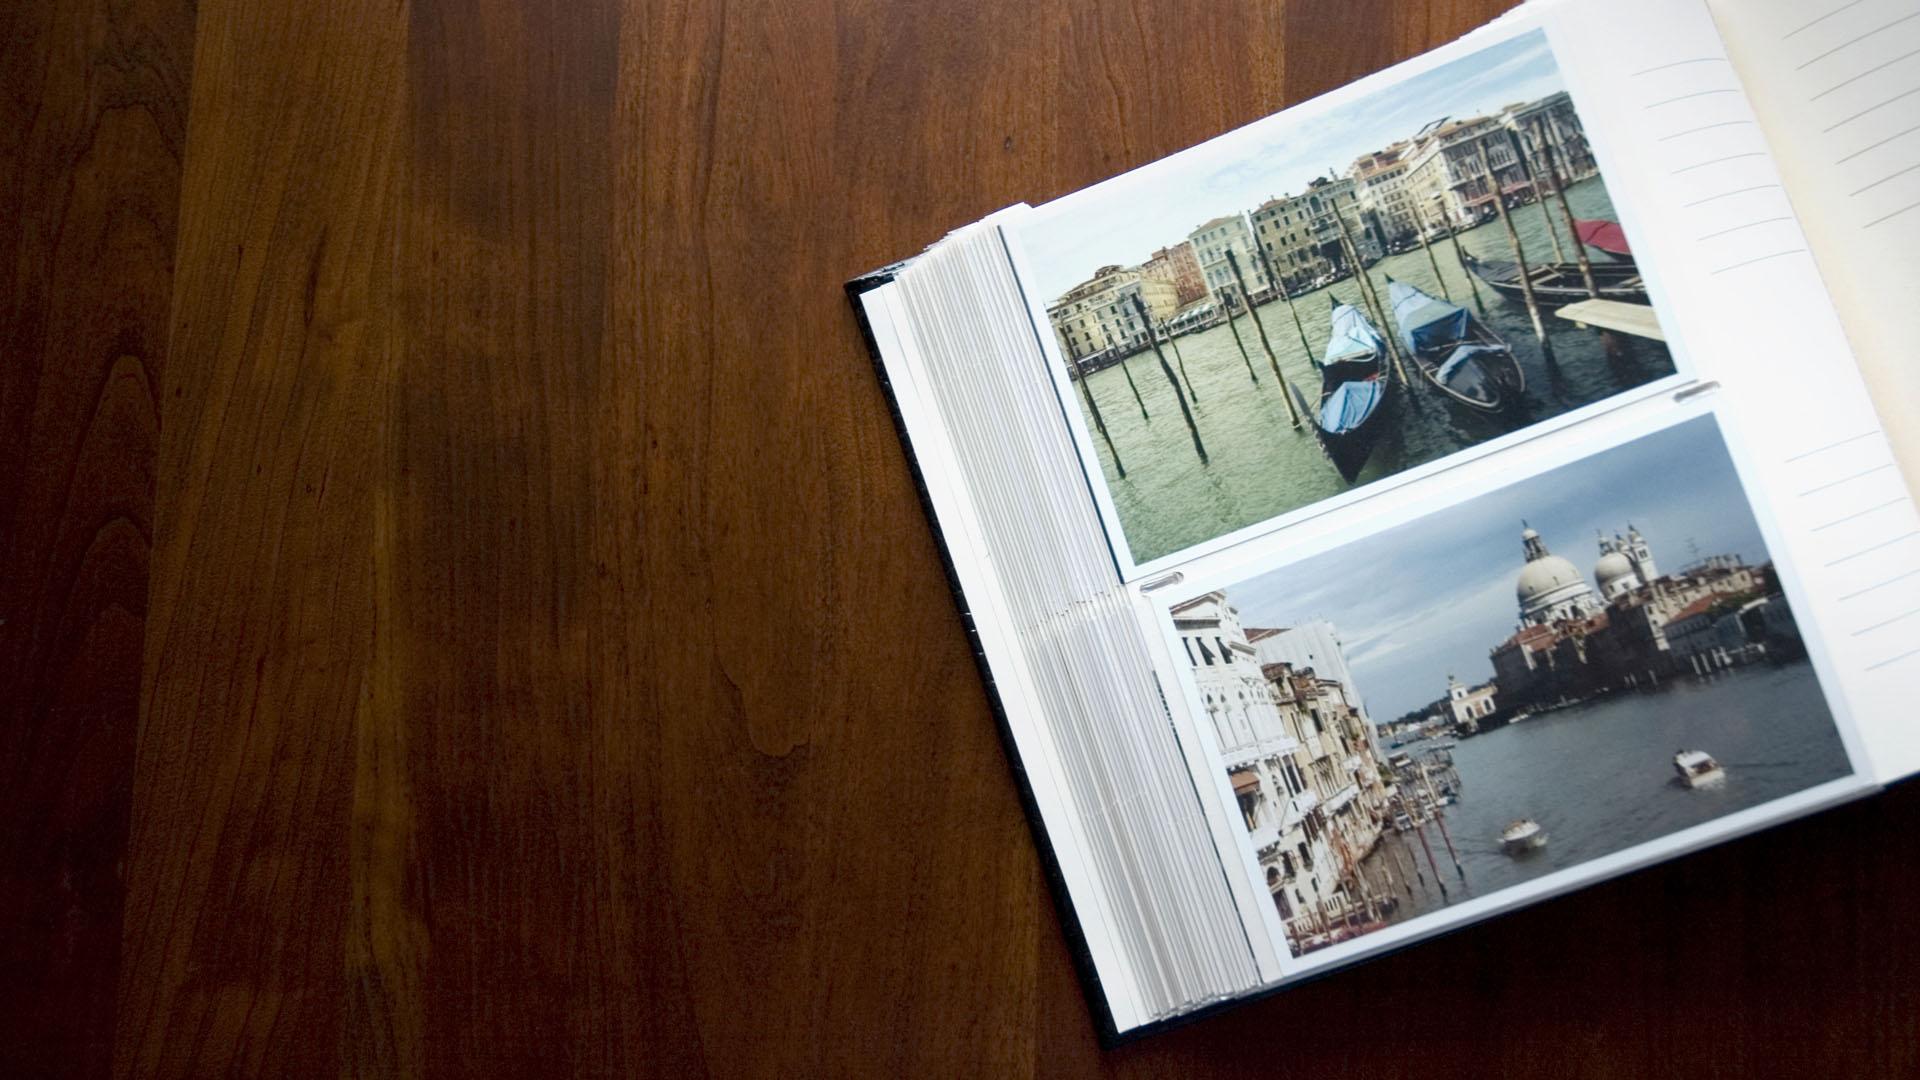 Las distintas plataformas de almacenamiento te permitirán conservar tus fotografías sin mayor problema